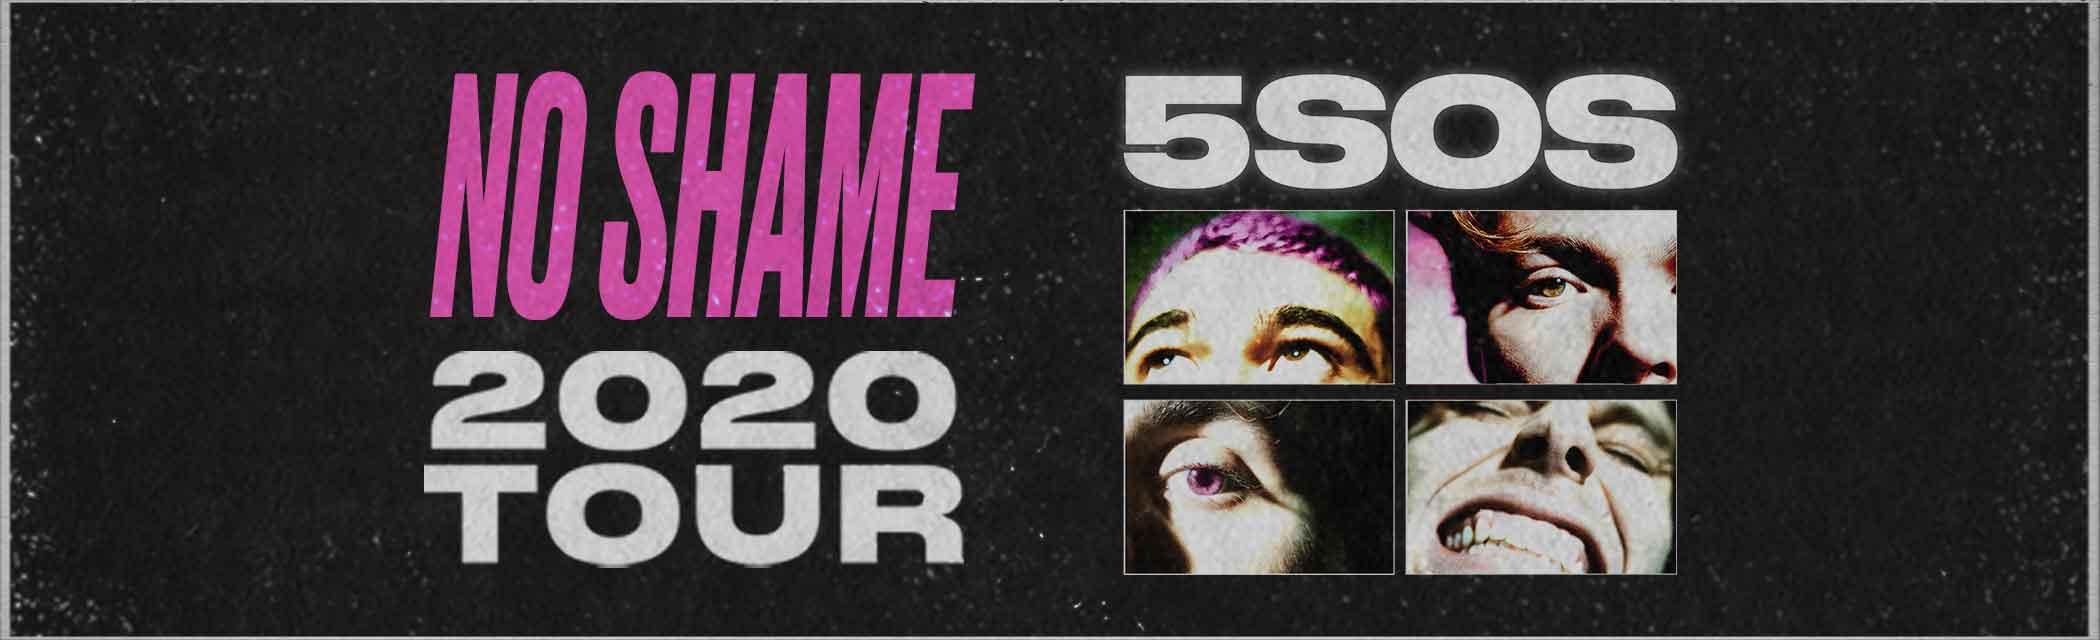 NO SHAME 2021 TOUR